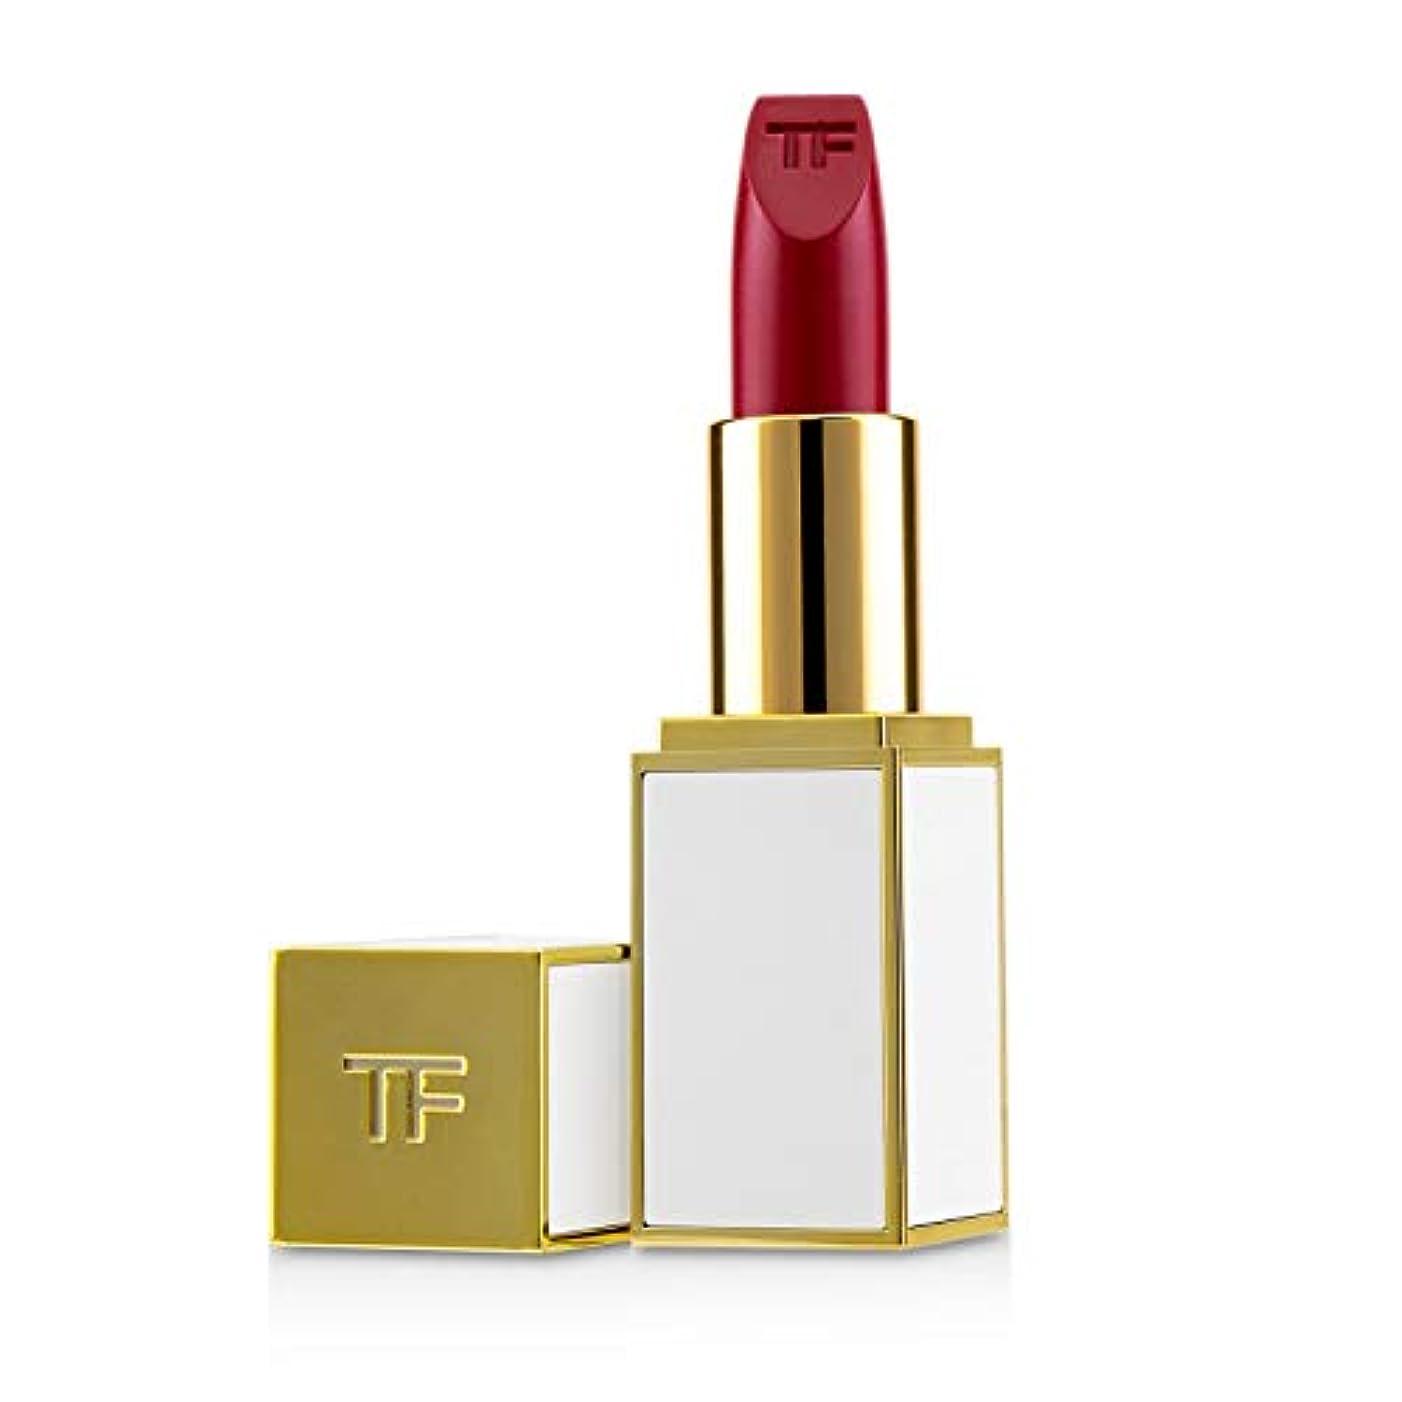 ビュッフェスイング名前でトム フォード Lip Color Sheer - # 12 Pipa 3g/0.1oz並行輸入品